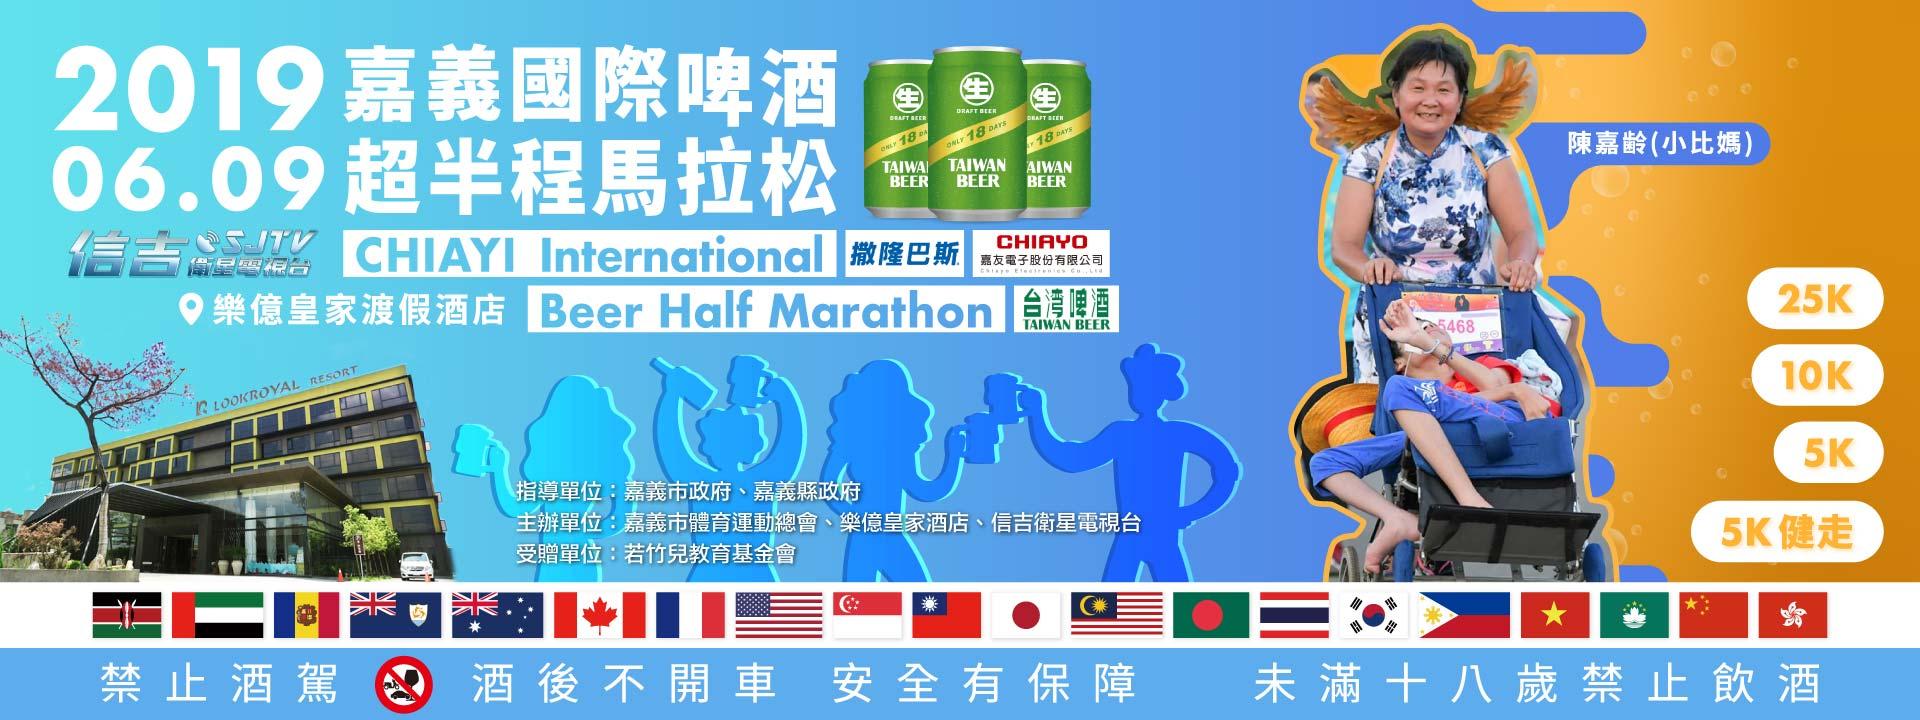 2019 嘉義國際啤酒超半程馬拉松